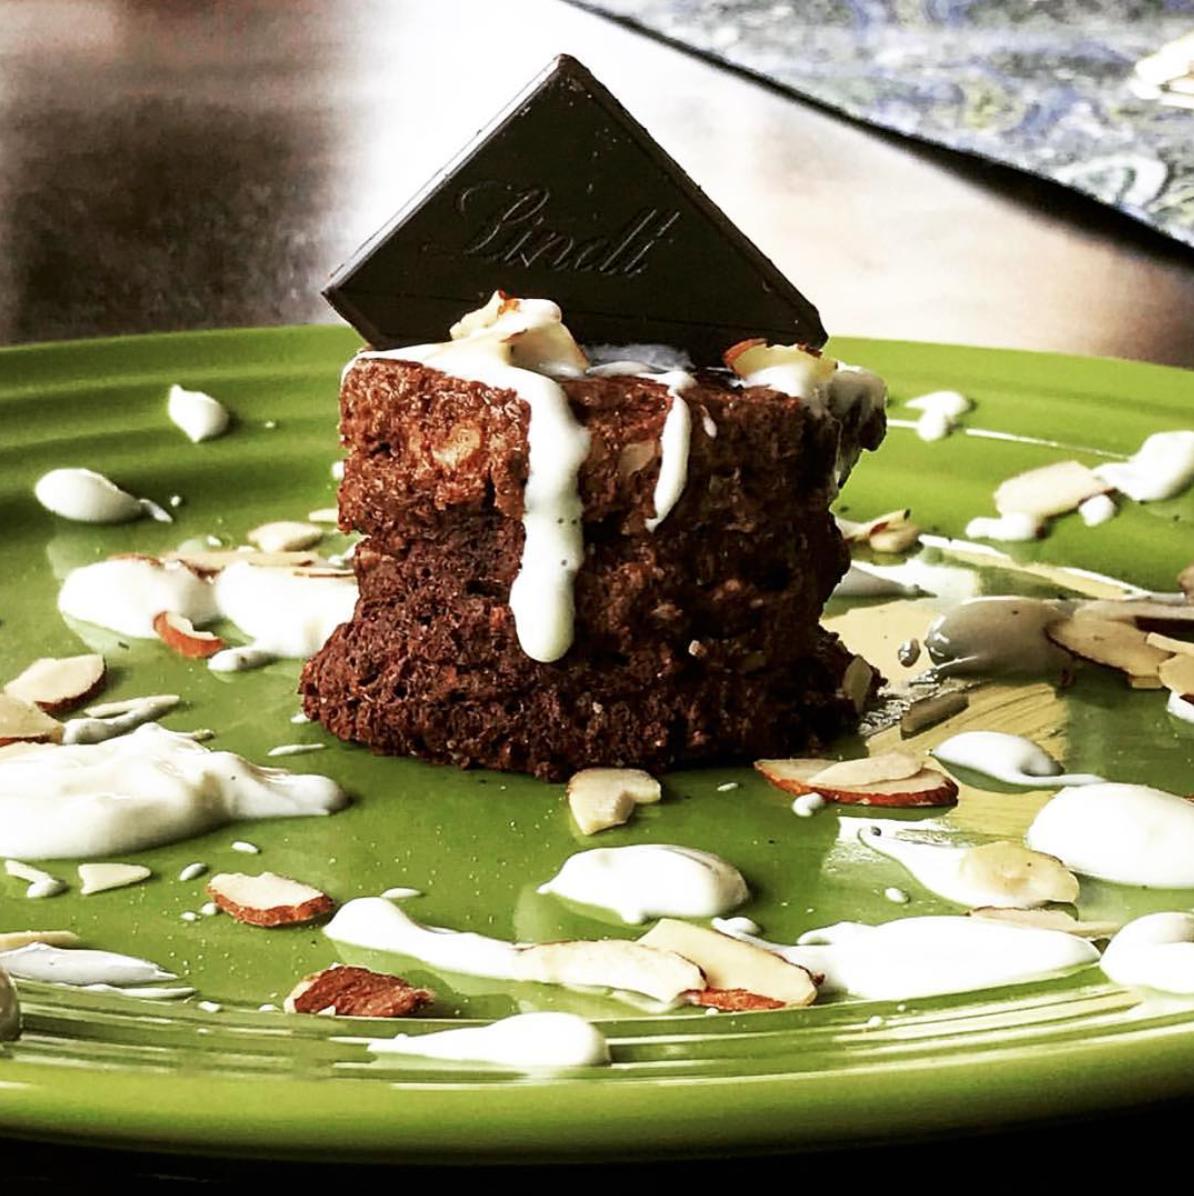 CHOCOLATE   #GUILTFREE   MUG CAKE  - Un postre o snack demasiado rápido que te quita el antojo por el dulce!!! 🙌 ✅El topping ⬇️⬇️ le quita el sabor AMARGO al chocolate ✅Bajo en calorías y alto en nutrientes - Ingrediente: * 2 c/ditas de cacao en polvo 🍫 @lok_foods  * 1 clara de huevo 🥚 * 2 c/das de leche de almendras @so_delicious (o la que usen) * 2 c/das de harina de almendras (o la que prefieran) * 1 tableta de chocolate oscuro en trocitos @lindt.colombia (opcional pero le da un sabor muy rico) * Stevia * 1/8 c/dita polvo de hornear * Esencia de vainilla (opcional) Preparación: 1. En una taza mezclan MUY bien todos los ingredientes 2. Lo meten 1 minuto y 1/2 al microondas y ya está 🏃♀️🏃♀️🏃♀️ Topping: * Mi topping favorito saludable es comer dos c/das de  Yogurt Griego Artesanal   @yogurtgoa  y mezclarlo con un poquito de stevia (Es literalmente un frosting saludable) 🤤🤤 y le quita un poco el sabor amargo al chocolate para los que no son amantes del oscuro!